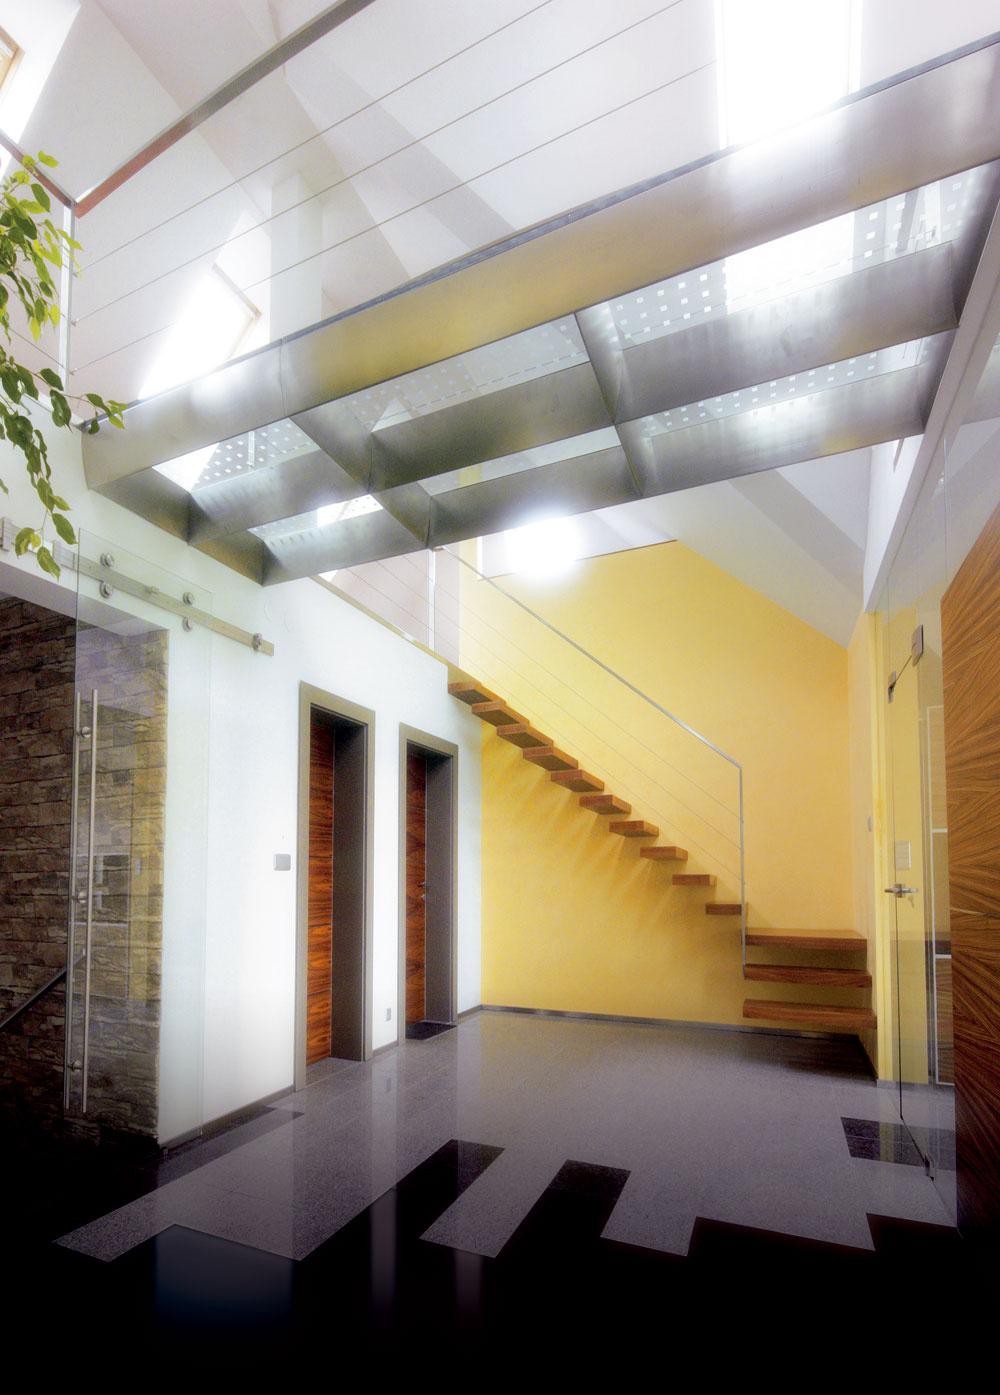 Vprípade, že po schodisku pohodlne abezpečne kráčame, myšlienkami sme pritom niekde inde, znamená to, že projektant dokonale premyslel návrh astavebná firma urobila dobrú prácu.